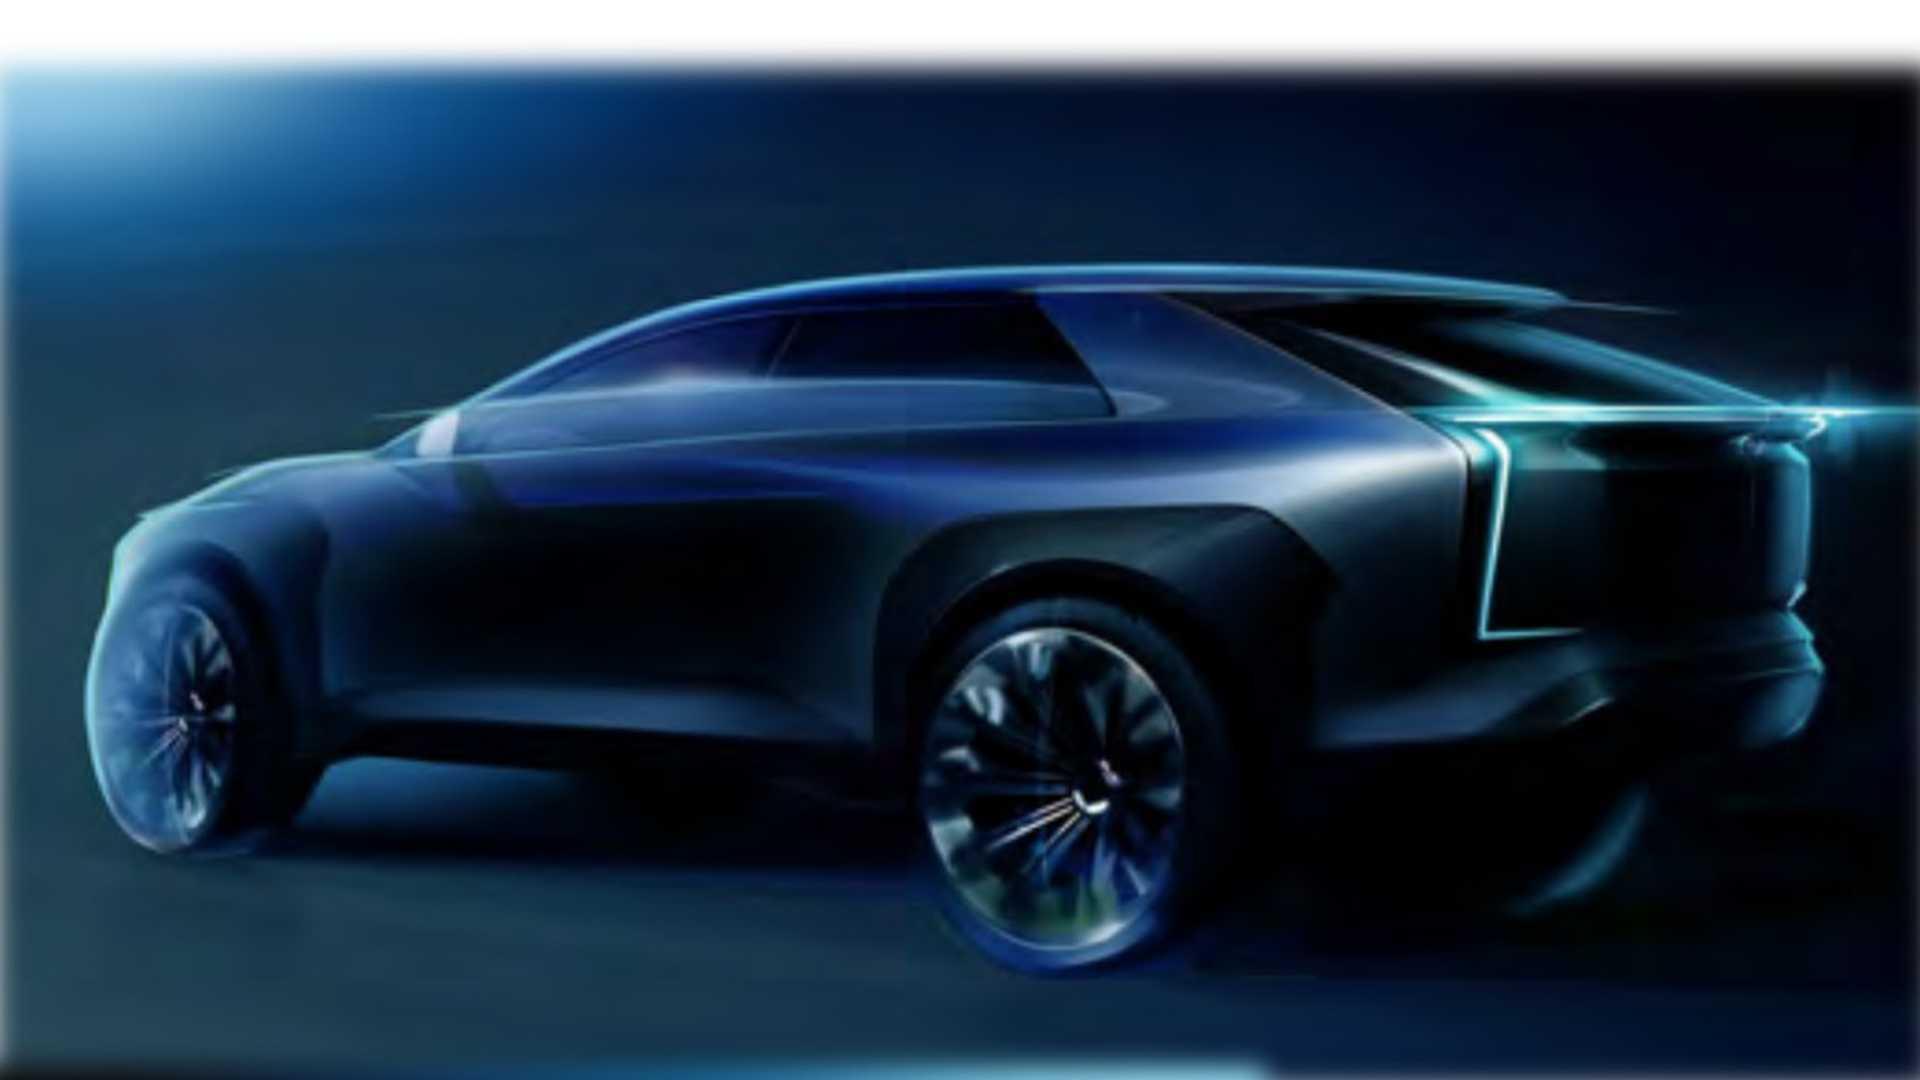 Subaru EV SUV Concept (2020) 4